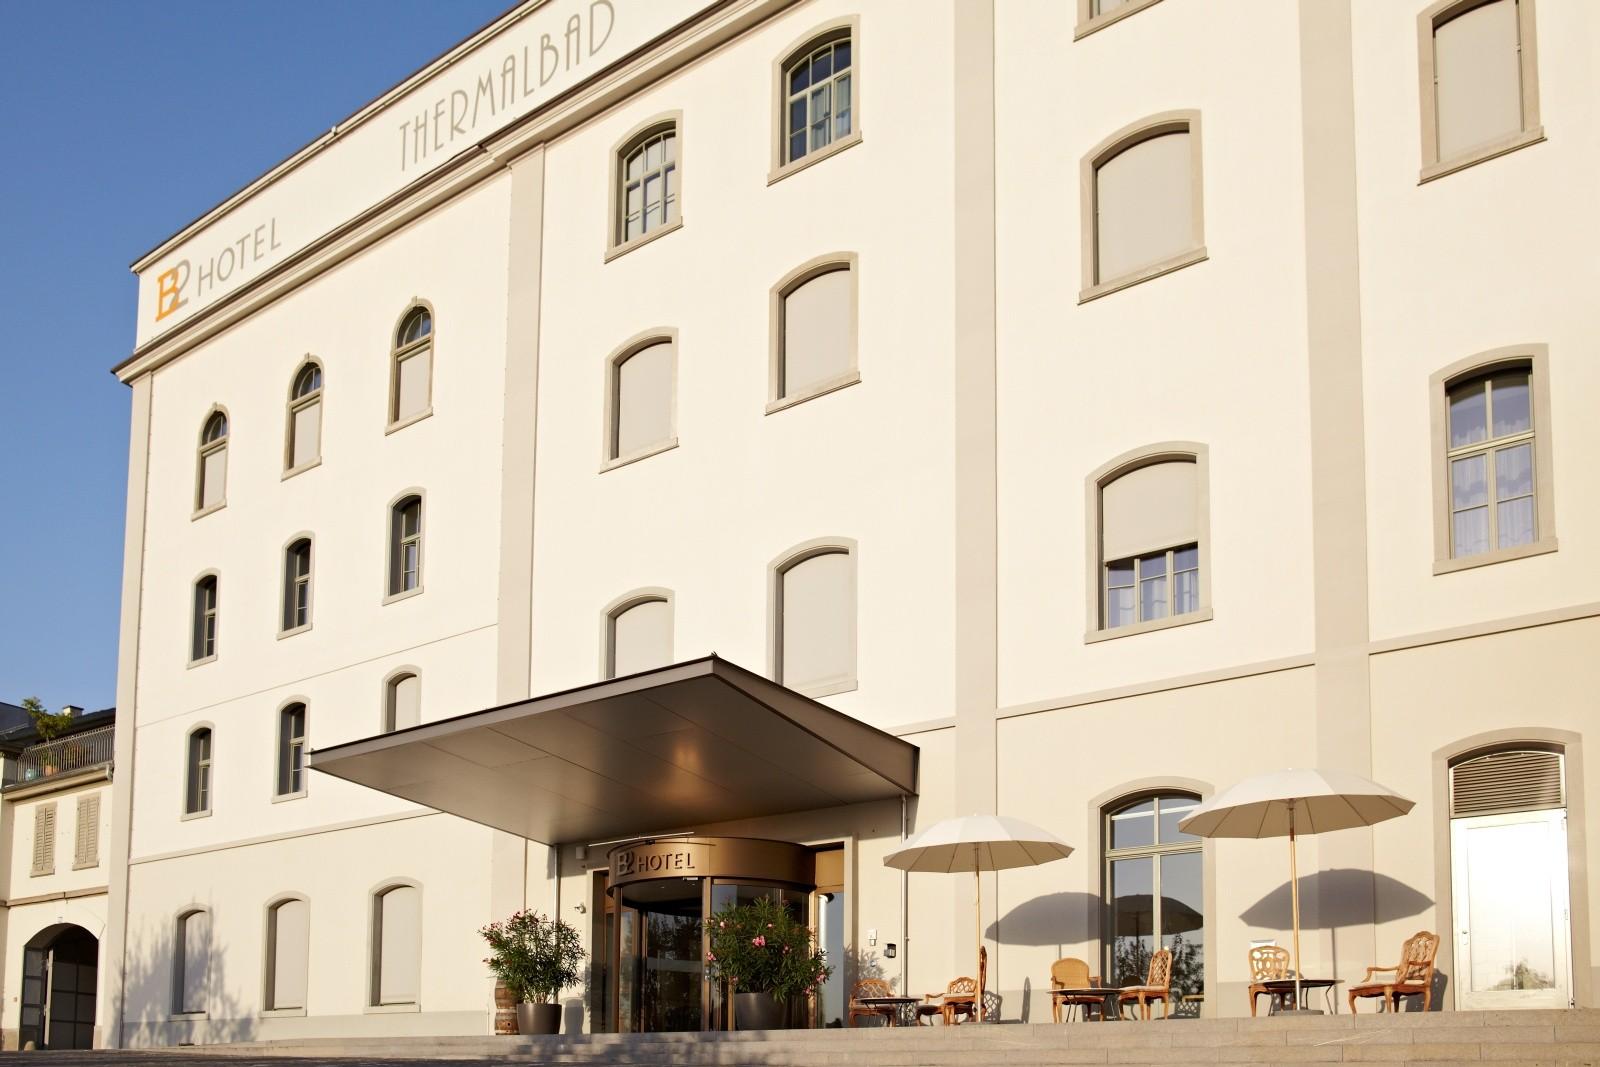 1-b2-boutique-hotel-spa_zurich_medienbild_eingang1